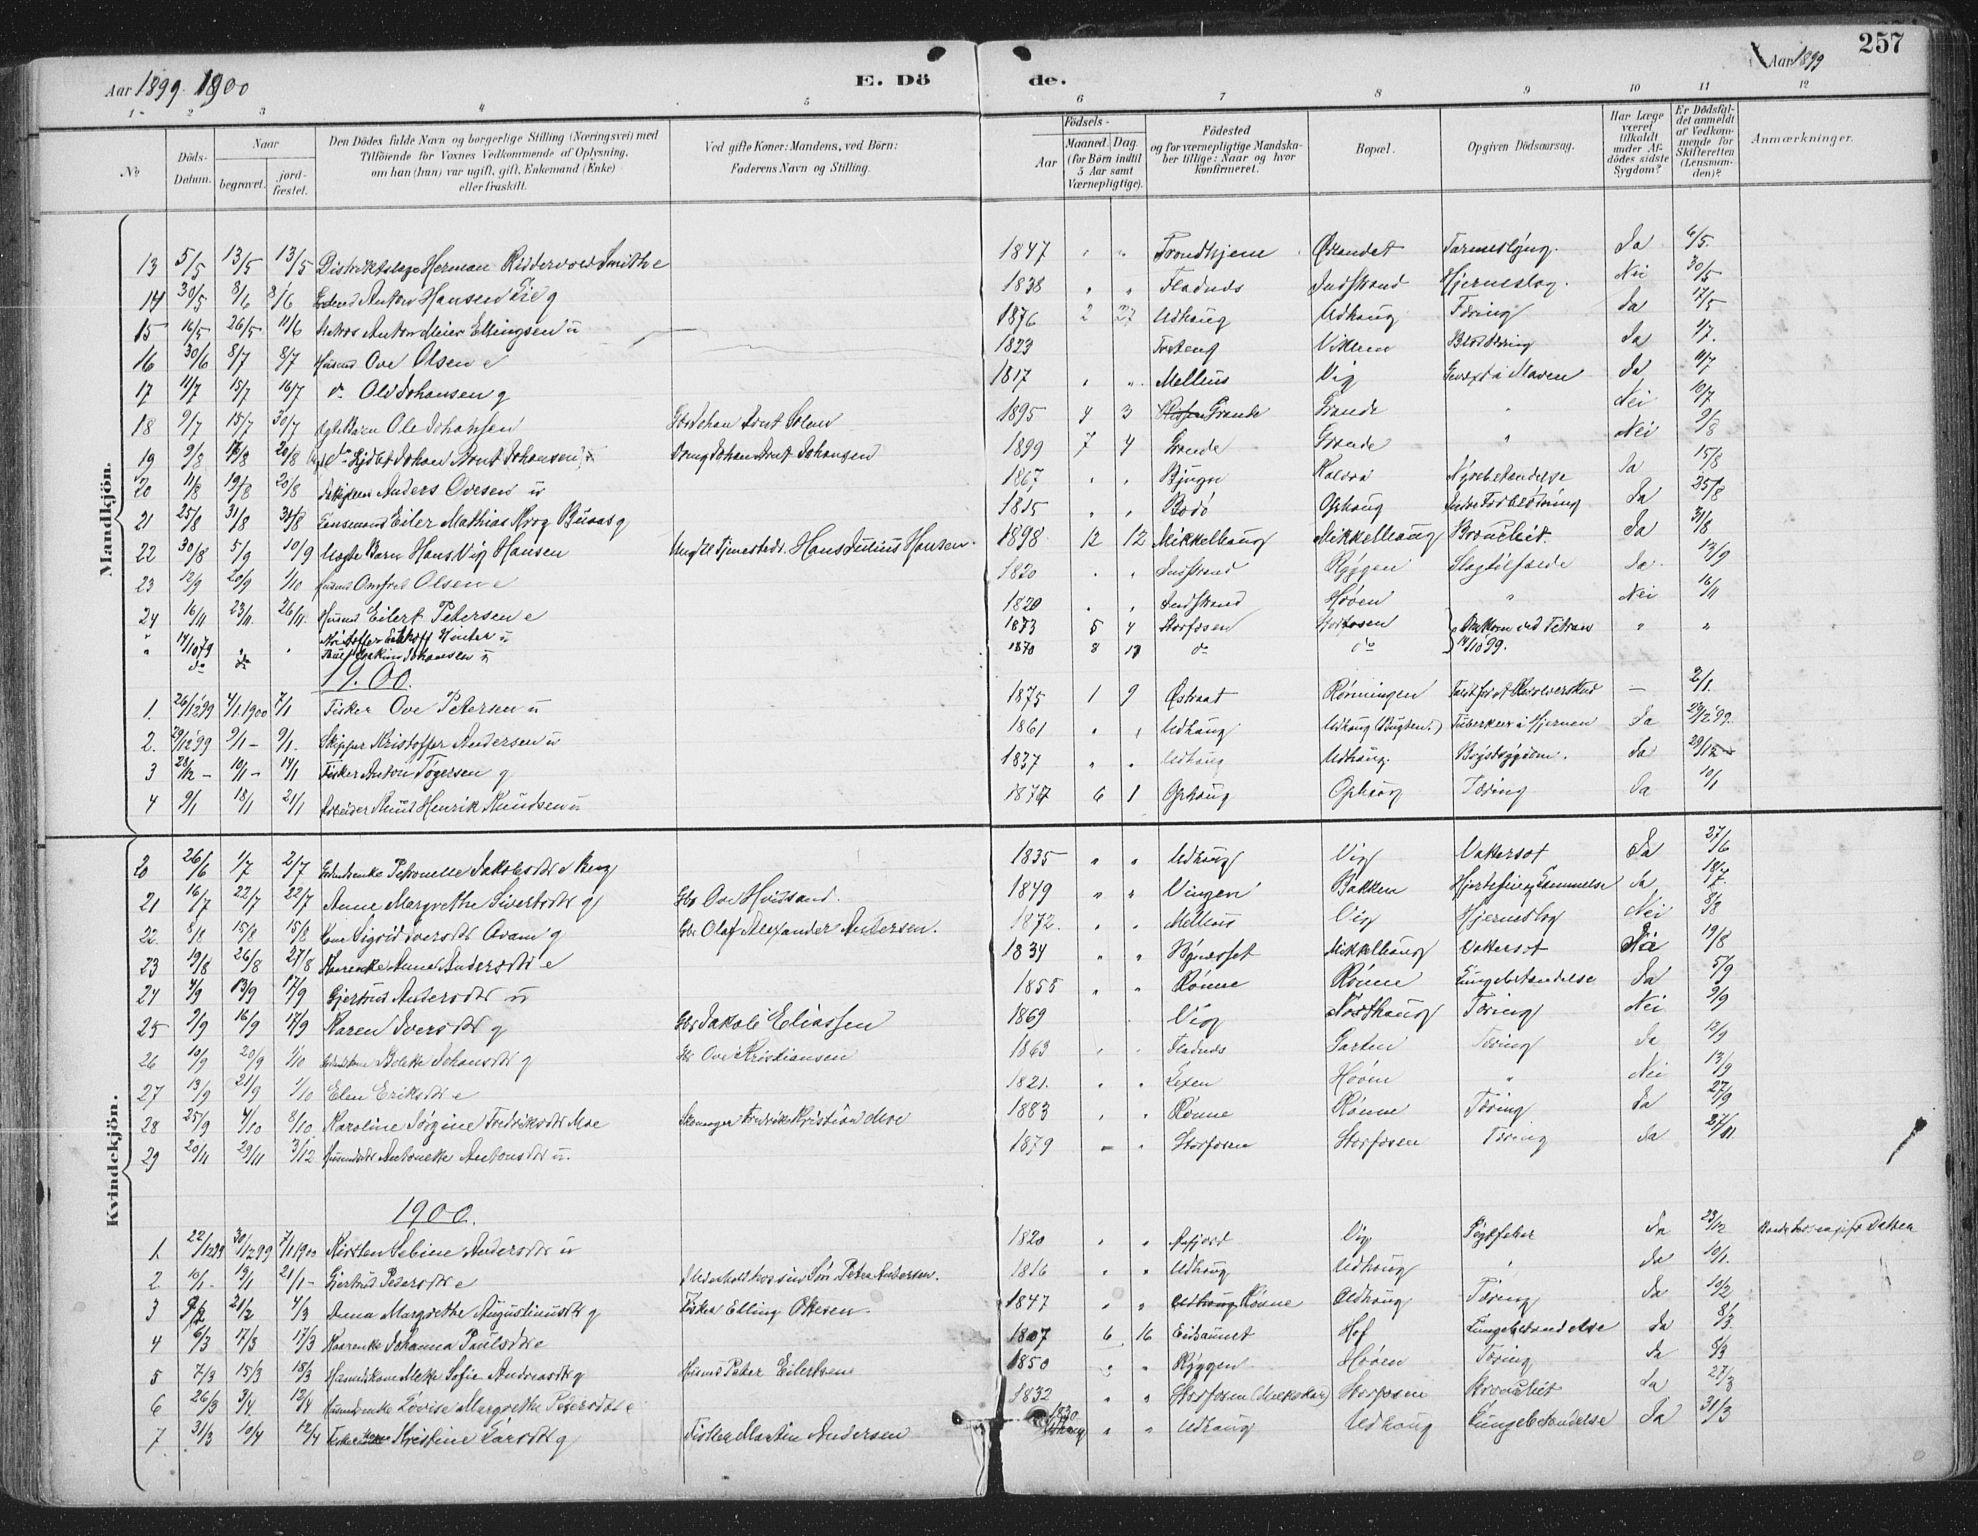 SAT, Ministerialprotokoller, klokkerbøker og fødselsregistre - Sør-Trøndelag, 659/L0743: Ministerialbok nr. 659A13, 1893-1910, s. 257